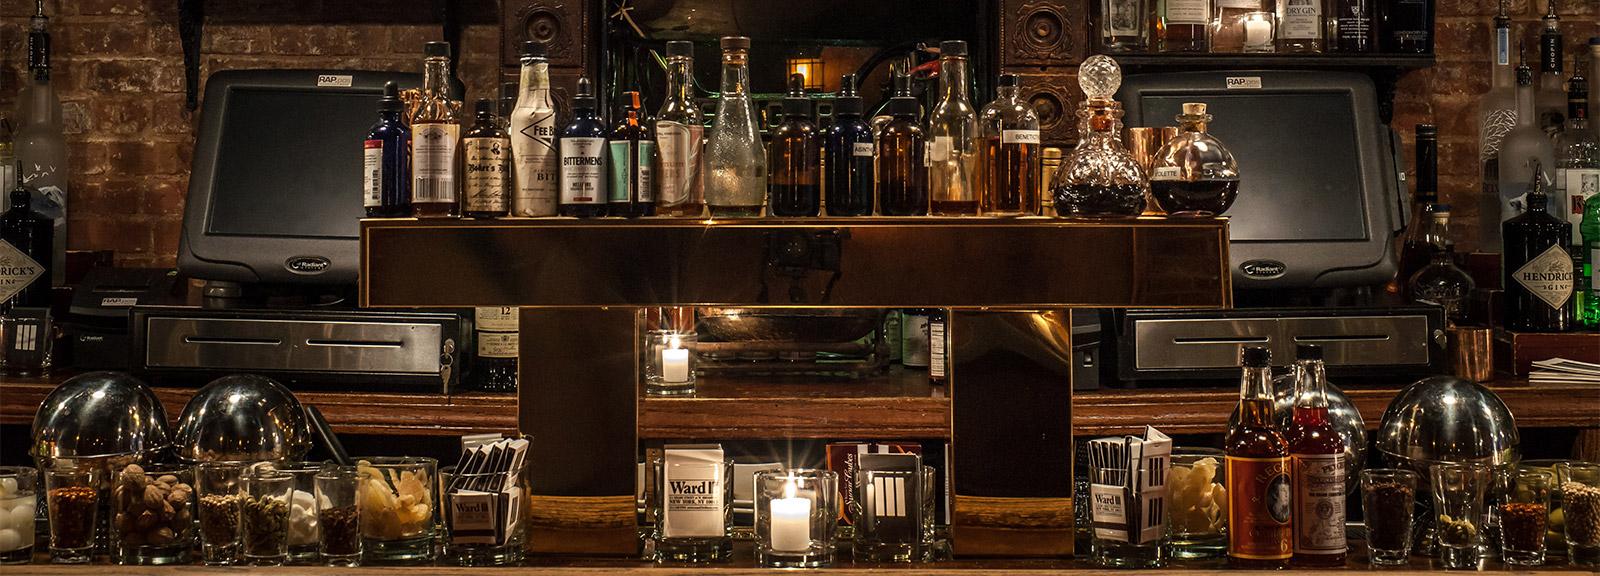 Ward III Bar, New York